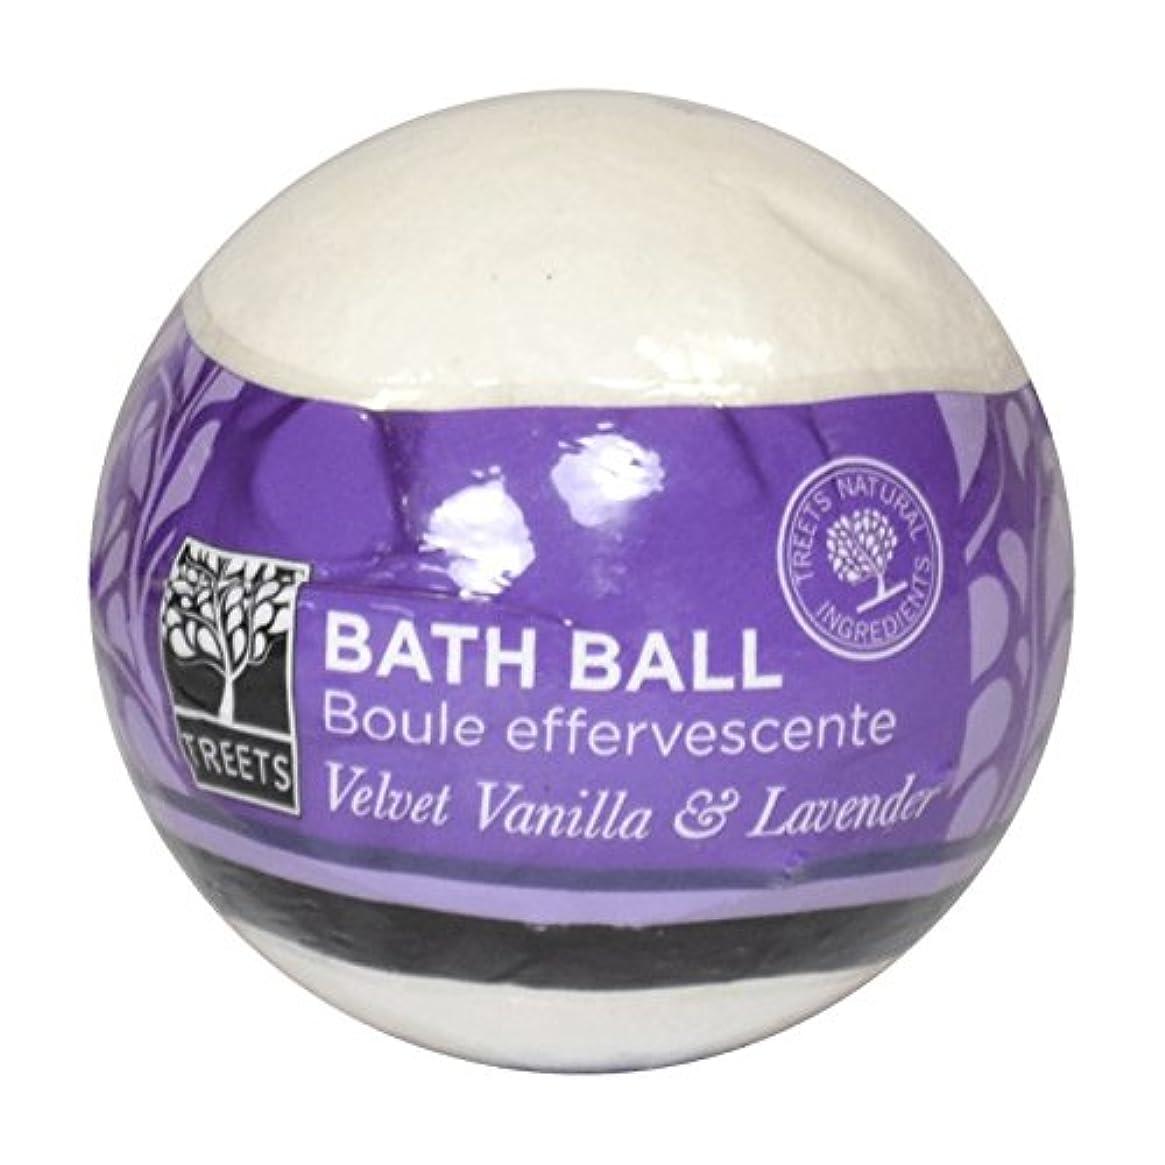 突破口ポンペイアーティファクトTreets Velvet Vanilla & Lavender Bath Ball (Pack of 6) - Treetsベルベットのバニラ&ラベンダーバスボール (x6) [並行輸入品]